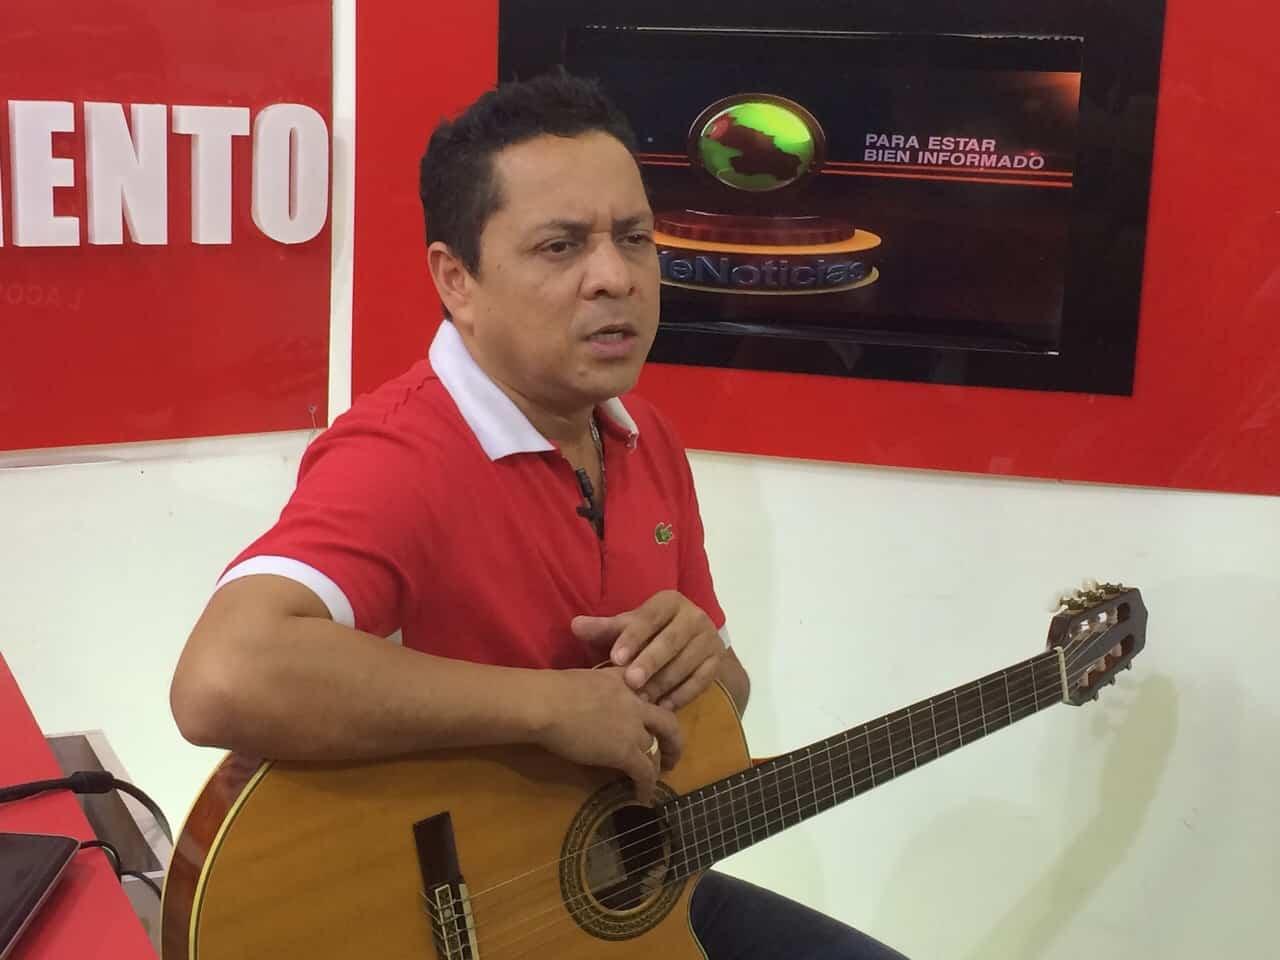 Jorge Valbuena